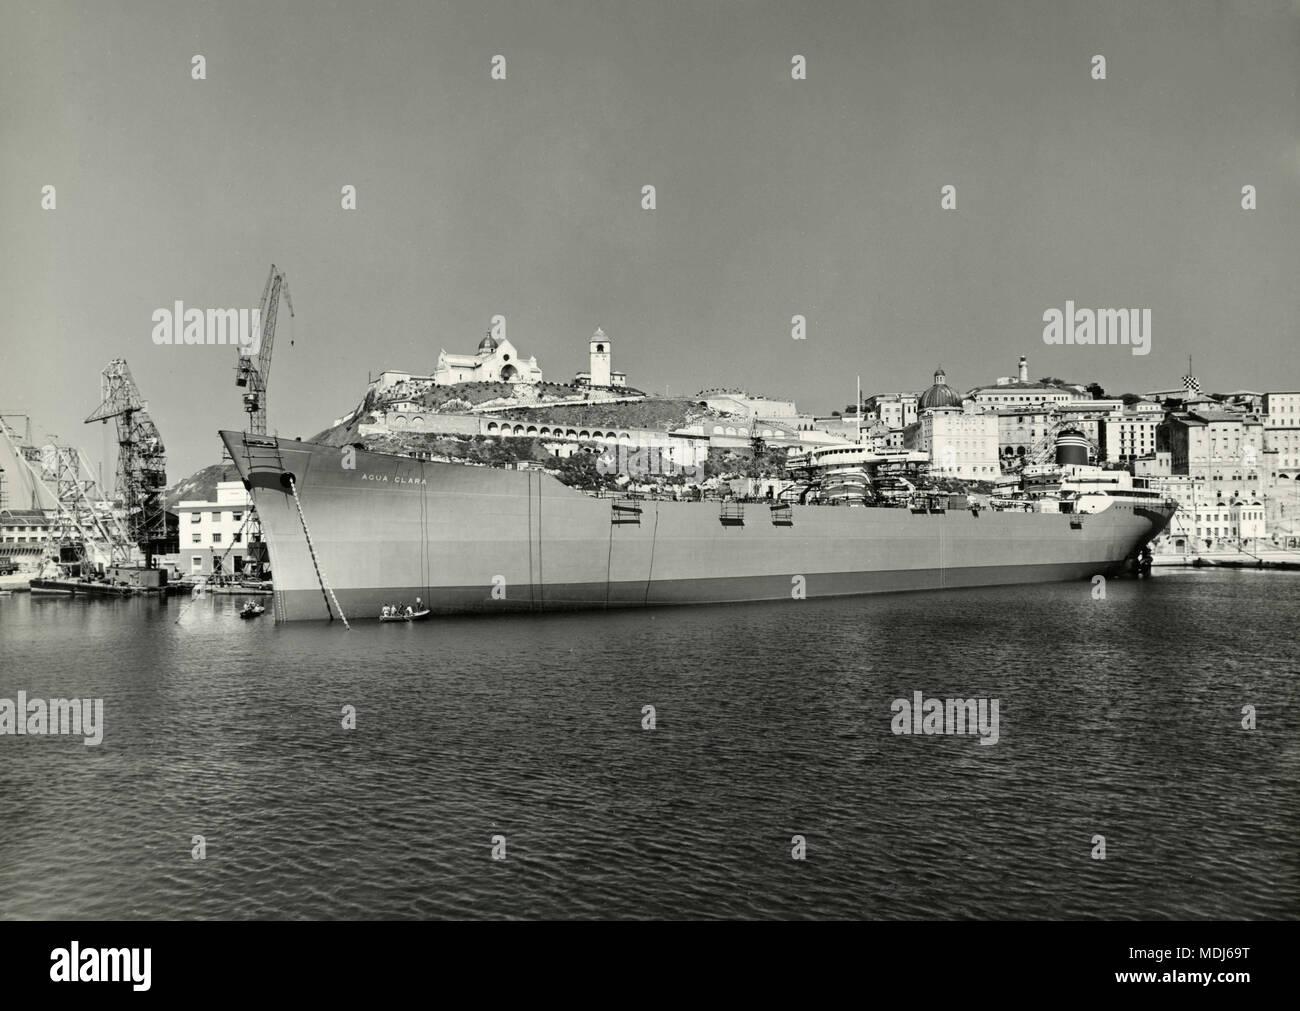 Agua Clara ship docked at Cantieri Navali Riuniti, Ancona shipyard, Italy 1950s - Stock Image